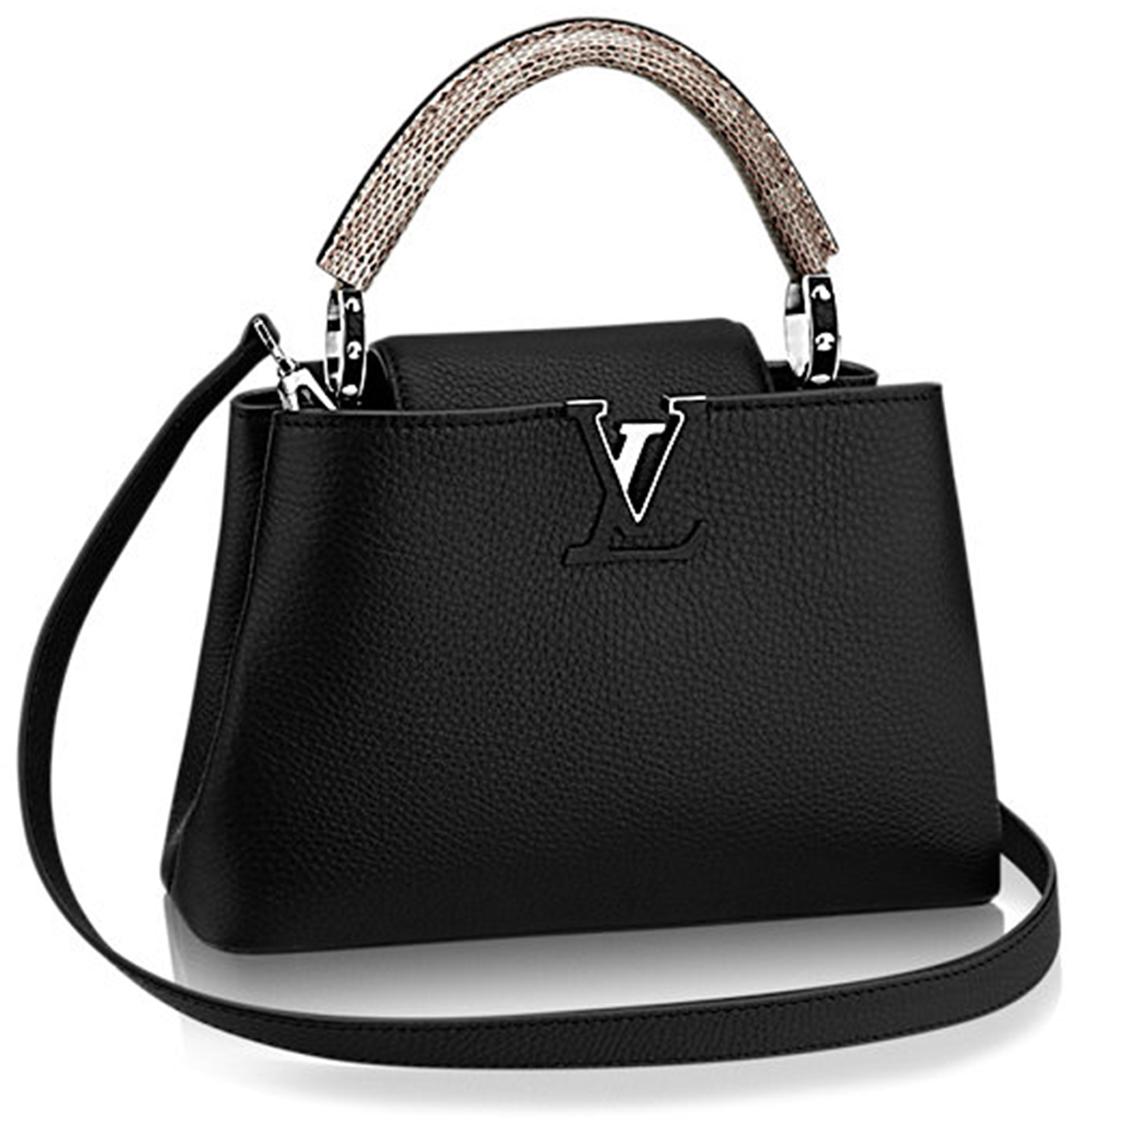 DROPONLY_0000s_0009_louis-vuitton-capucines-pm-python-handbags--M51139_PM2_Front view.jpg